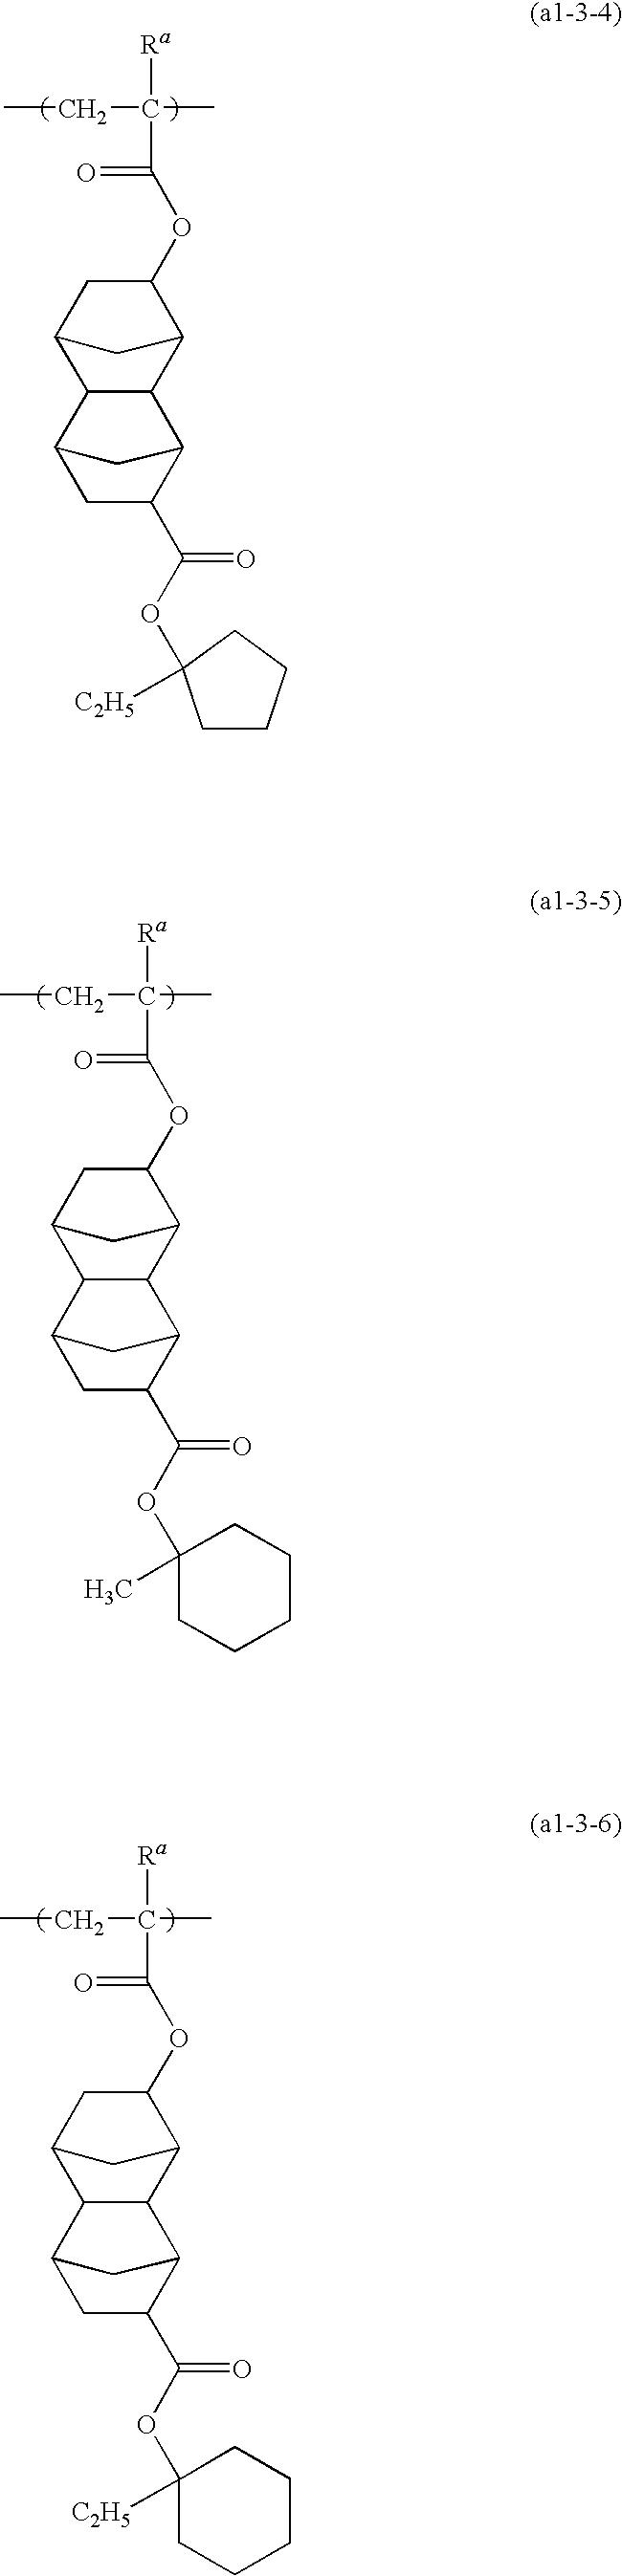 Figure US20100136480A1-20100603-C00034